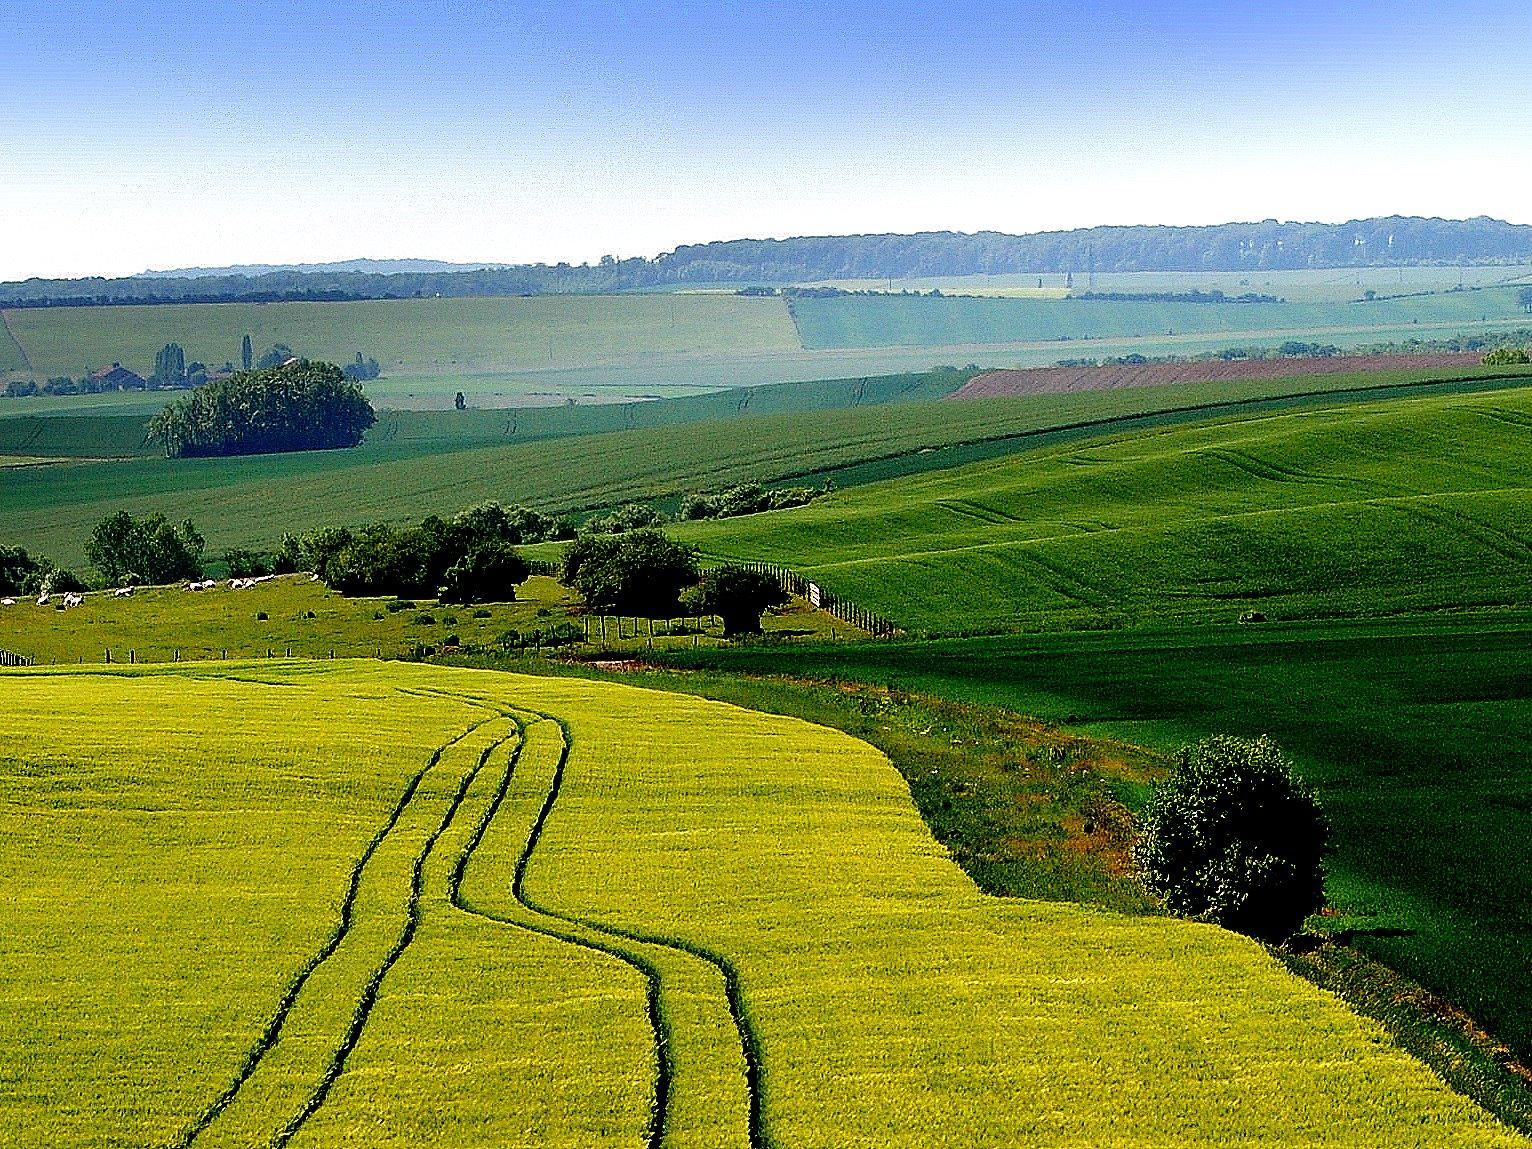 fond d 39 cran france vert jaune jaune fa on paysage campagne agriculture champs des. Black Bedroom Furniture Sets. Home Design Ideas